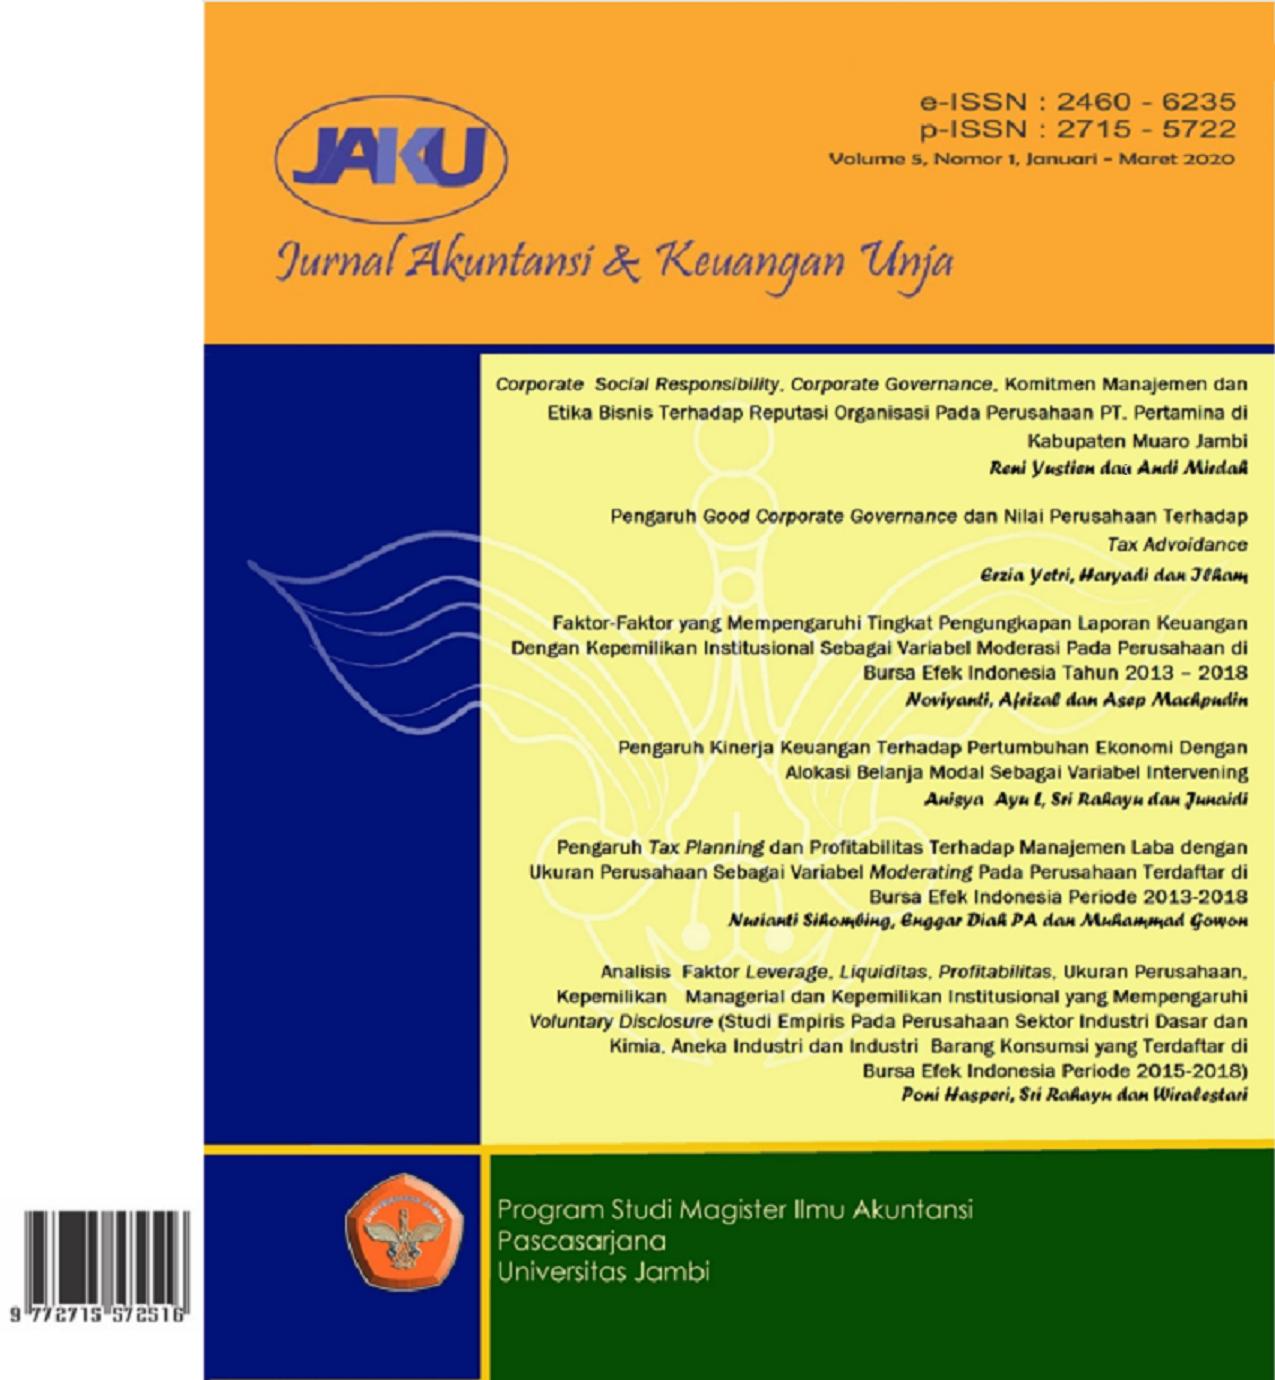 View Vol. 5 No. 1 (2020): Jurnal Akuntansi & Keuangan Unja